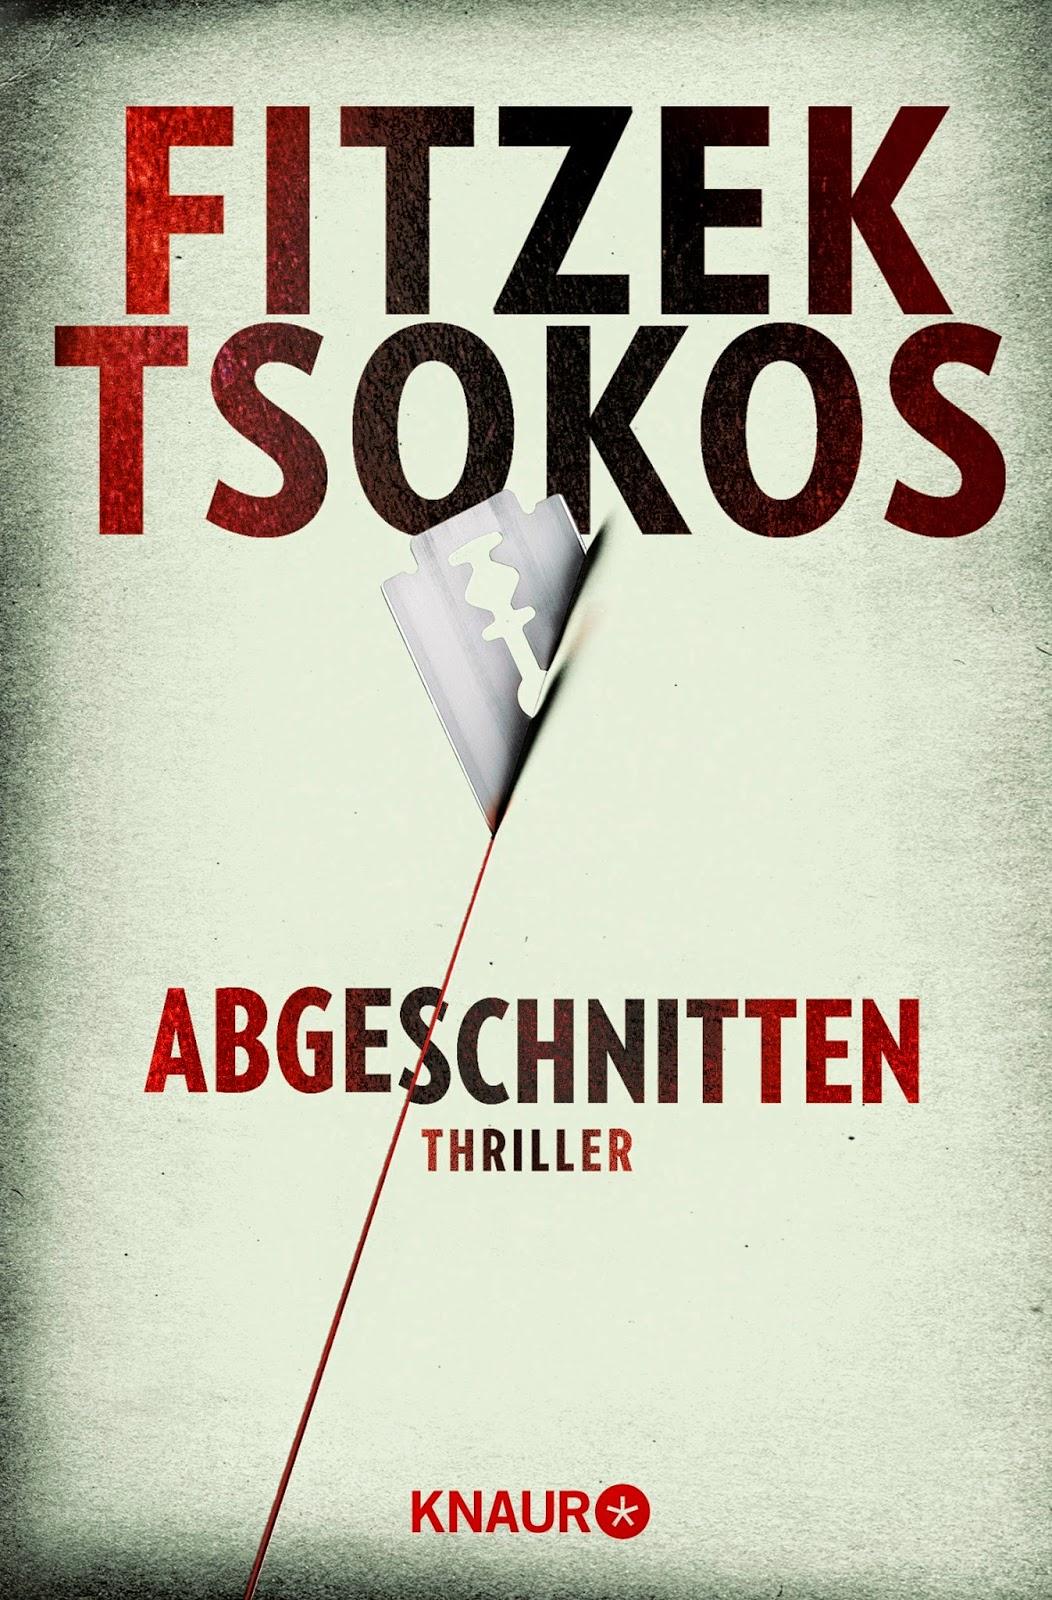 http://lasszeilensprechen.blogspot.com/2015/02/abgeschnitten-sebastian-fitzek-tsokos.html